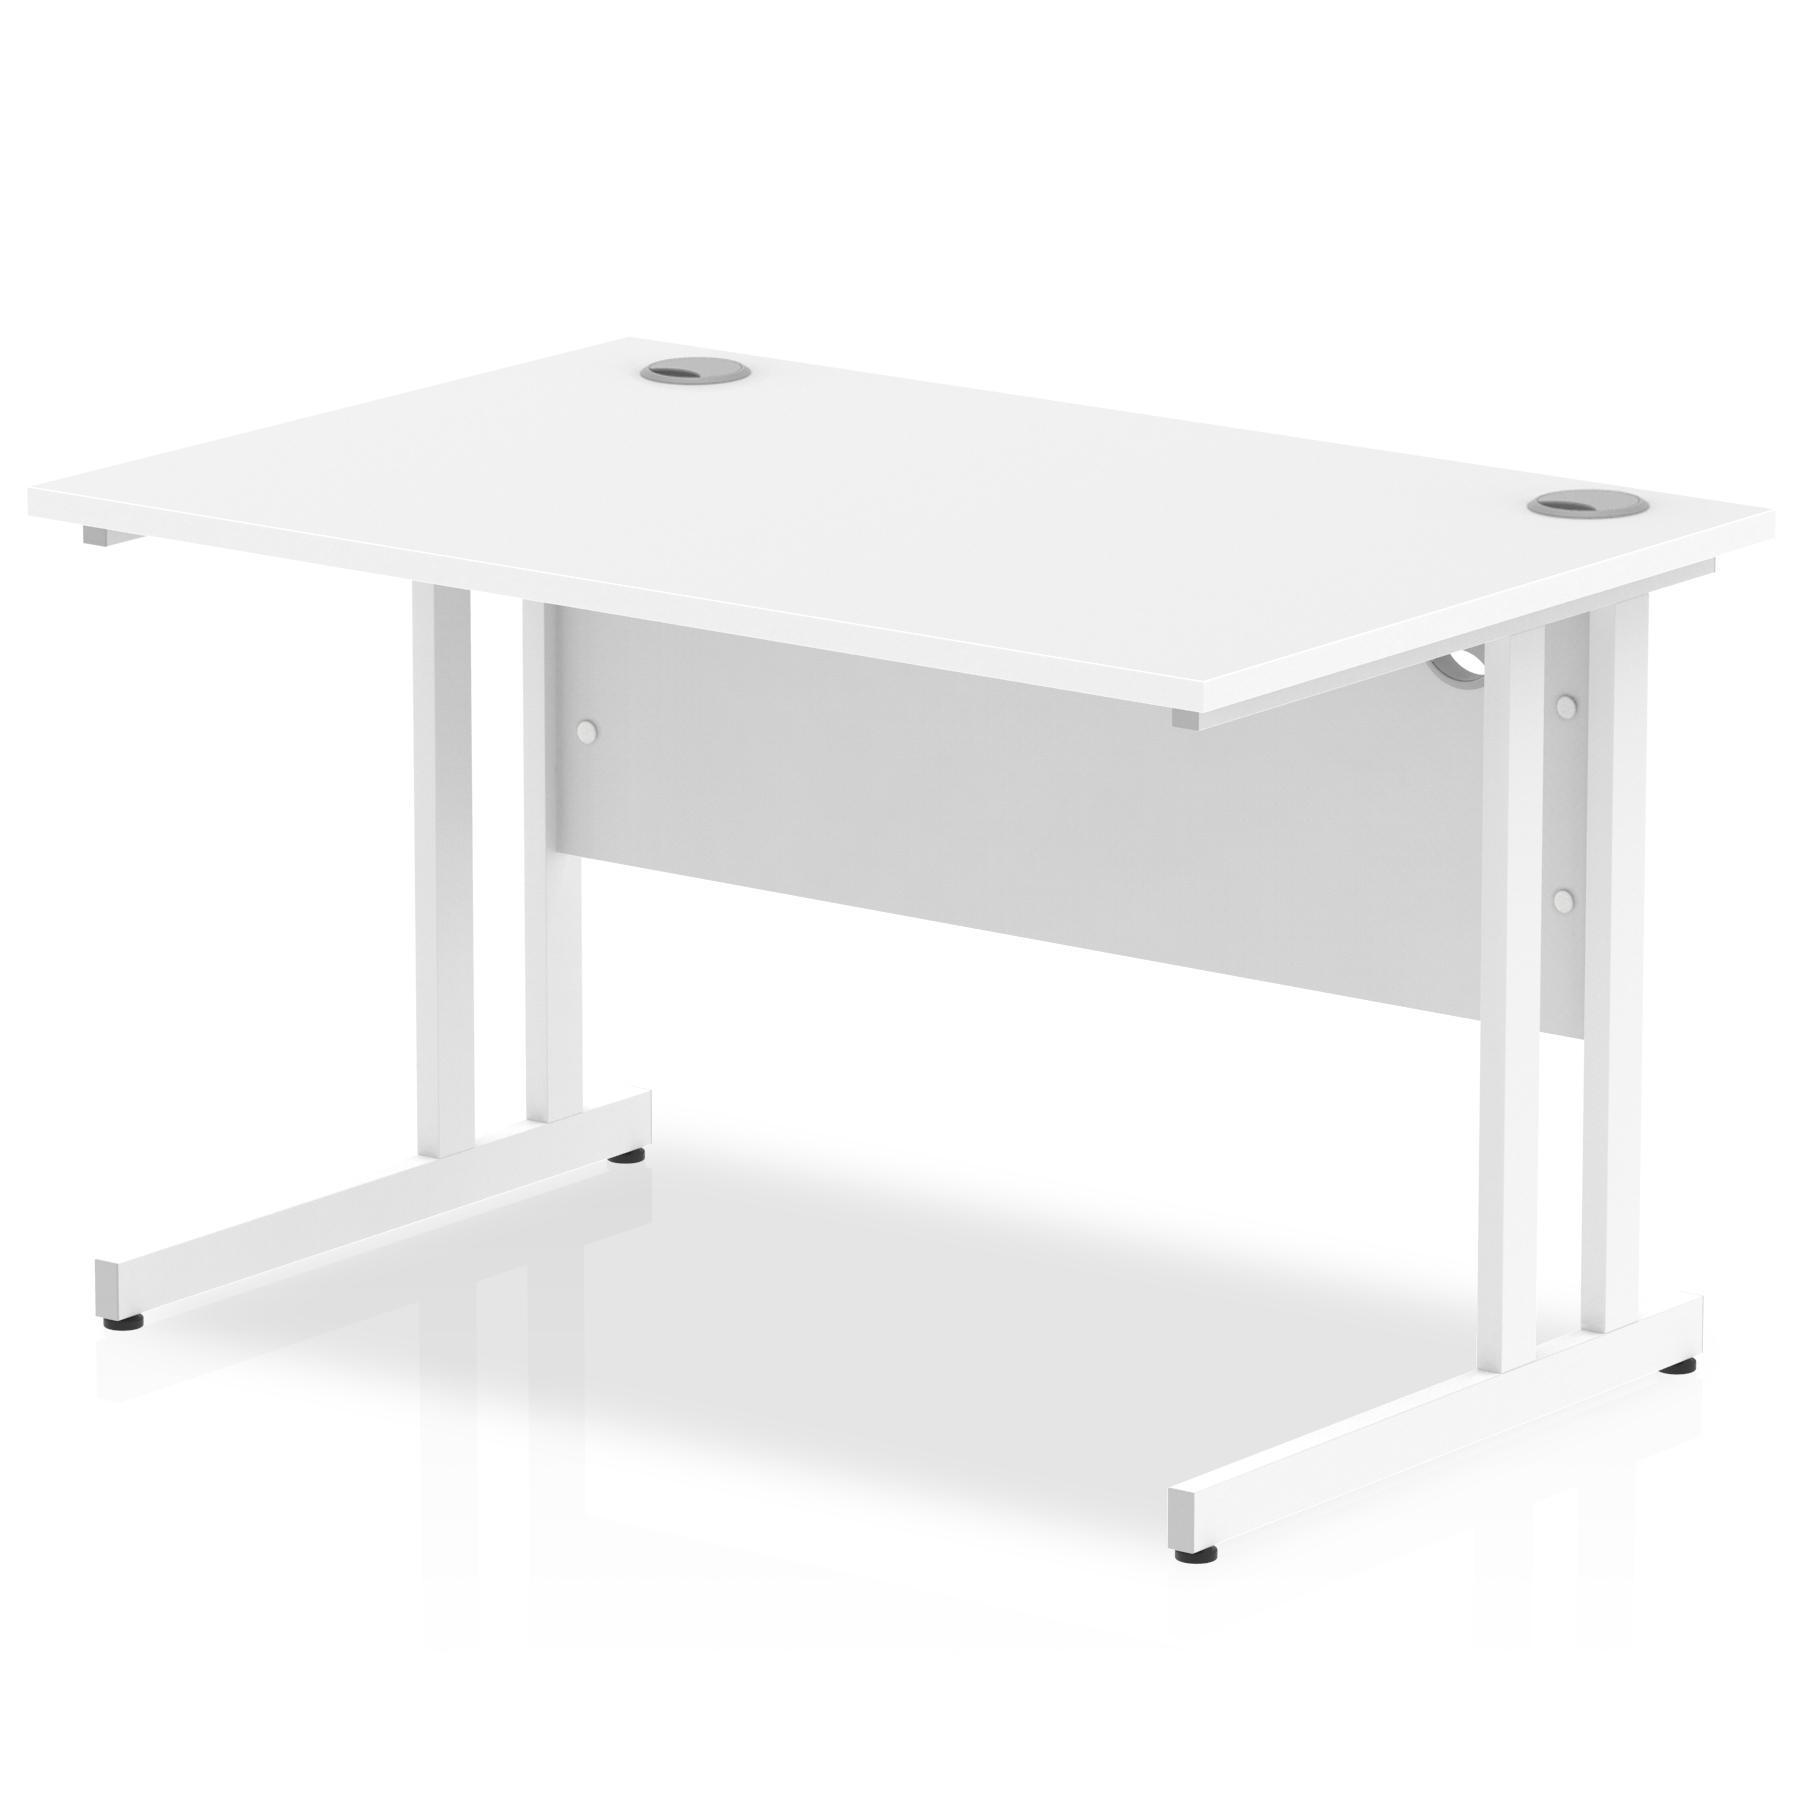 Rectangular Desks Impulse 1200 x 800mm Straight Desk White Top White Cantilever Leg MI002191